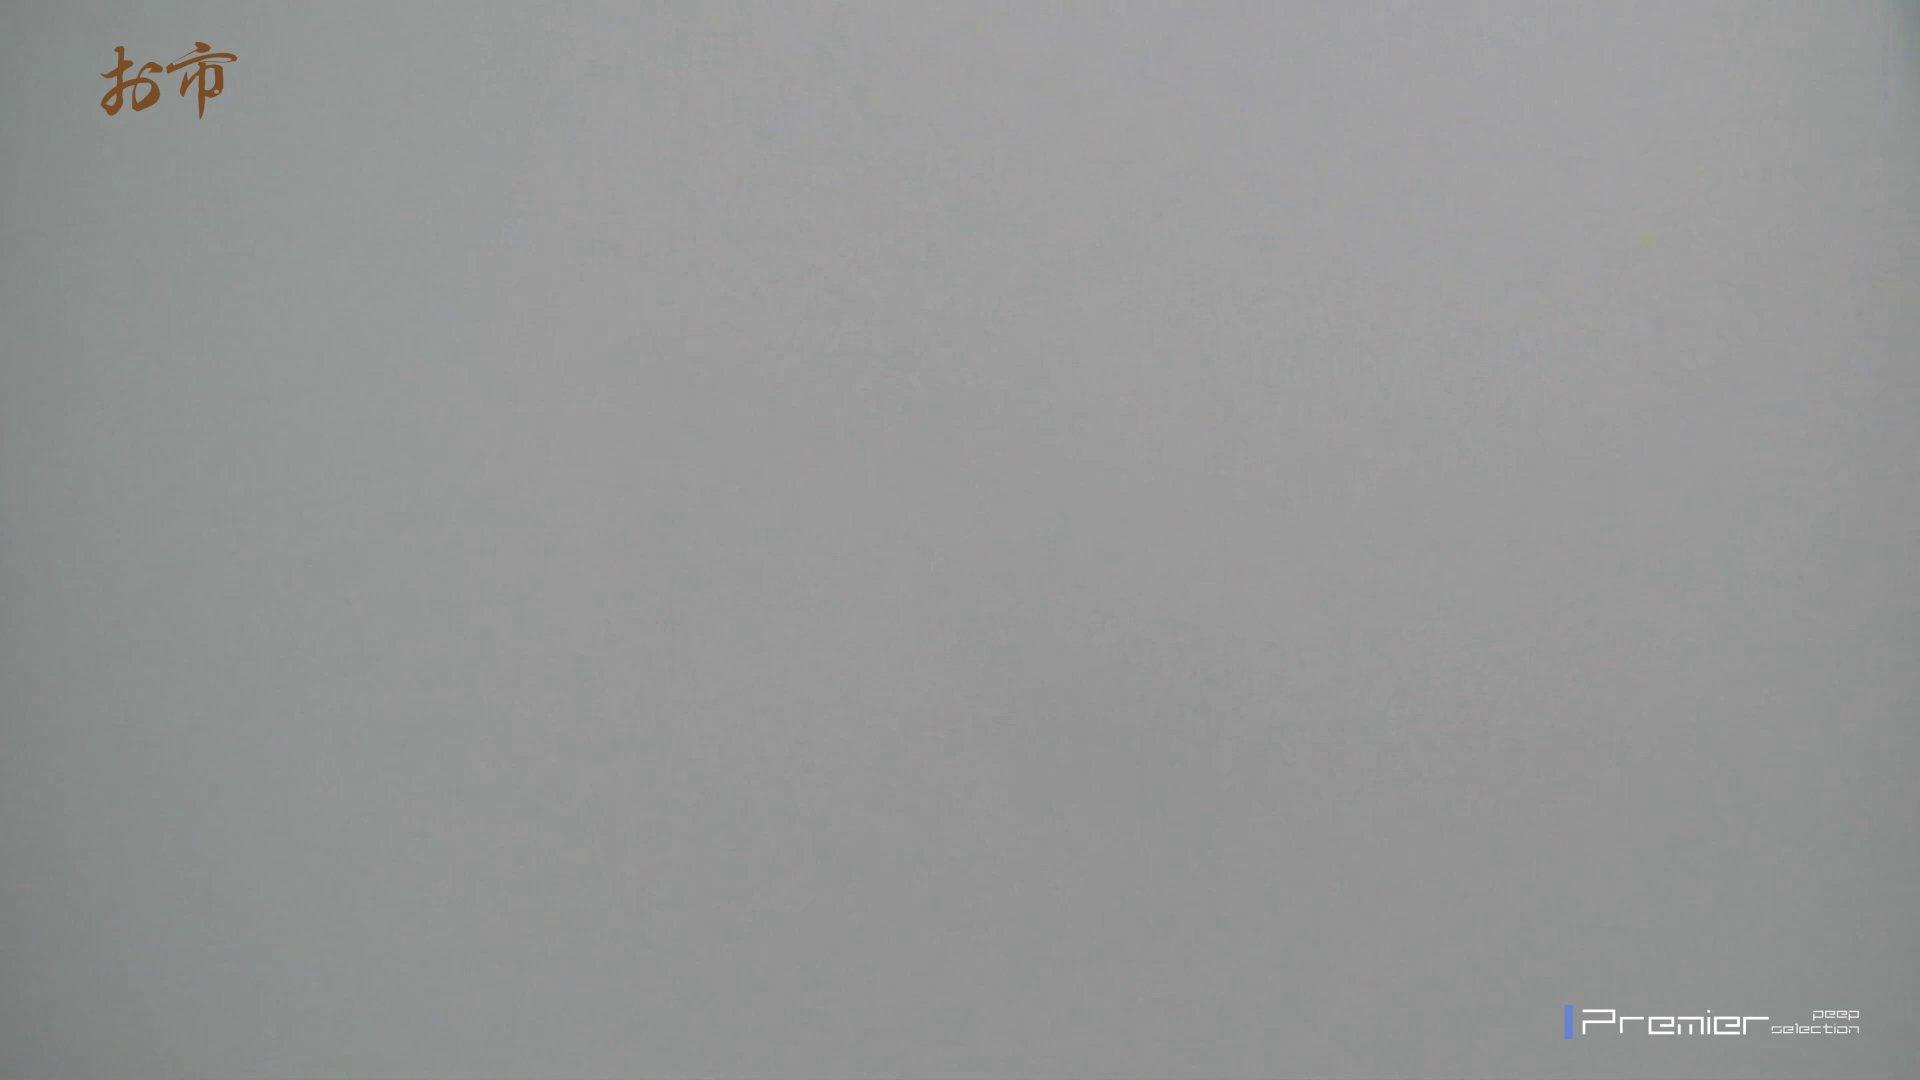 潜入!!台湾名門女学院 Vol.14 ラストコンテンツ!! お姉さん攻略 おめこ無修正画像 109画像 67